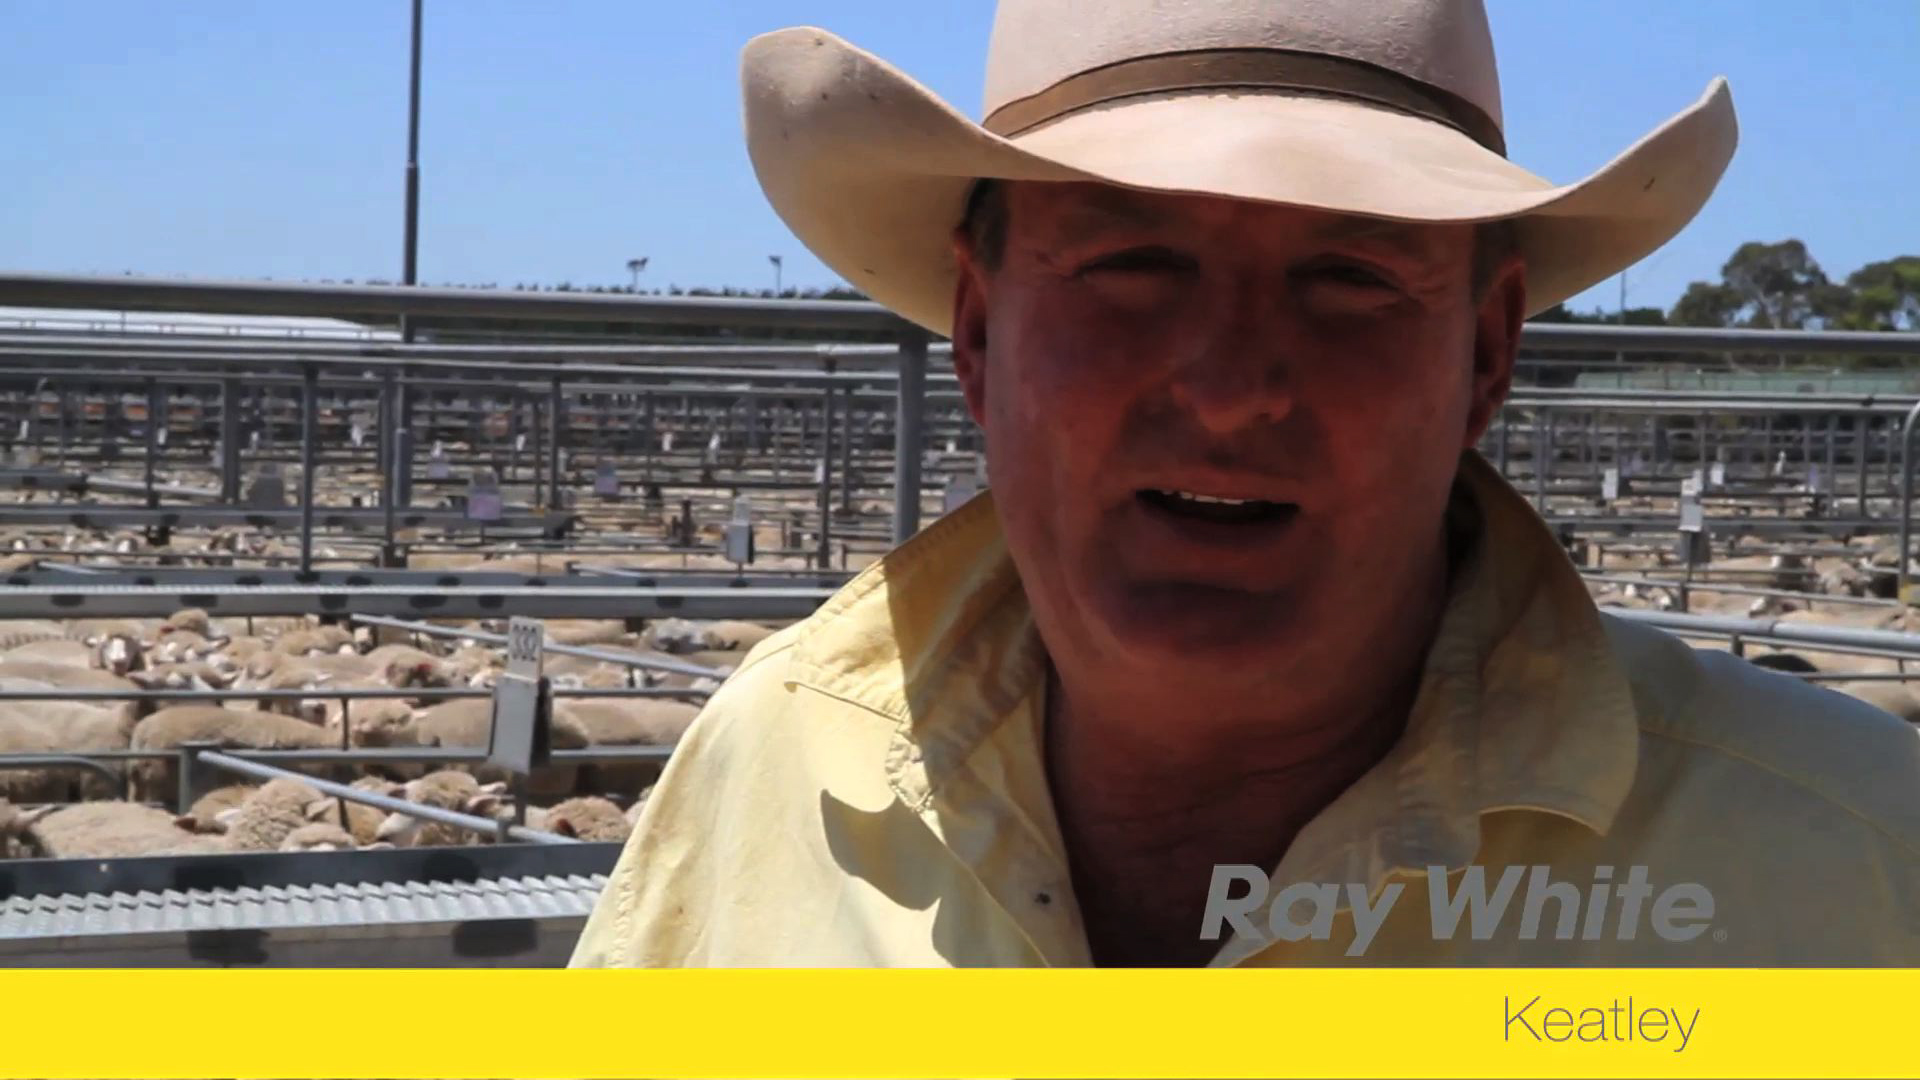 Meet Dale Keatley - Ray White Keatley Principal